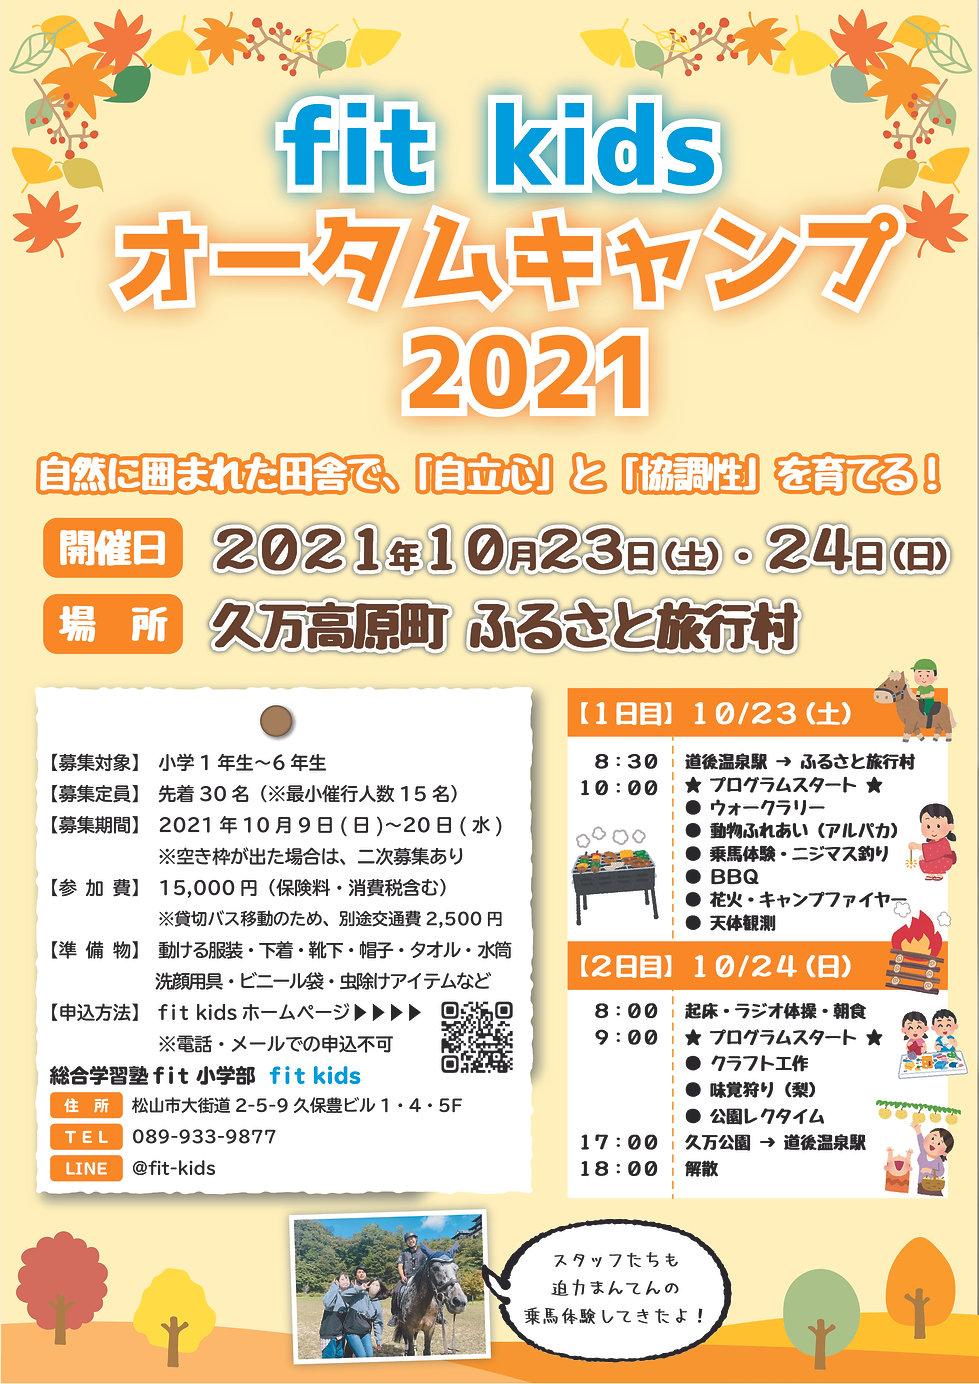 fit kids オータムキャンプ2021_アートボード 1.jpg